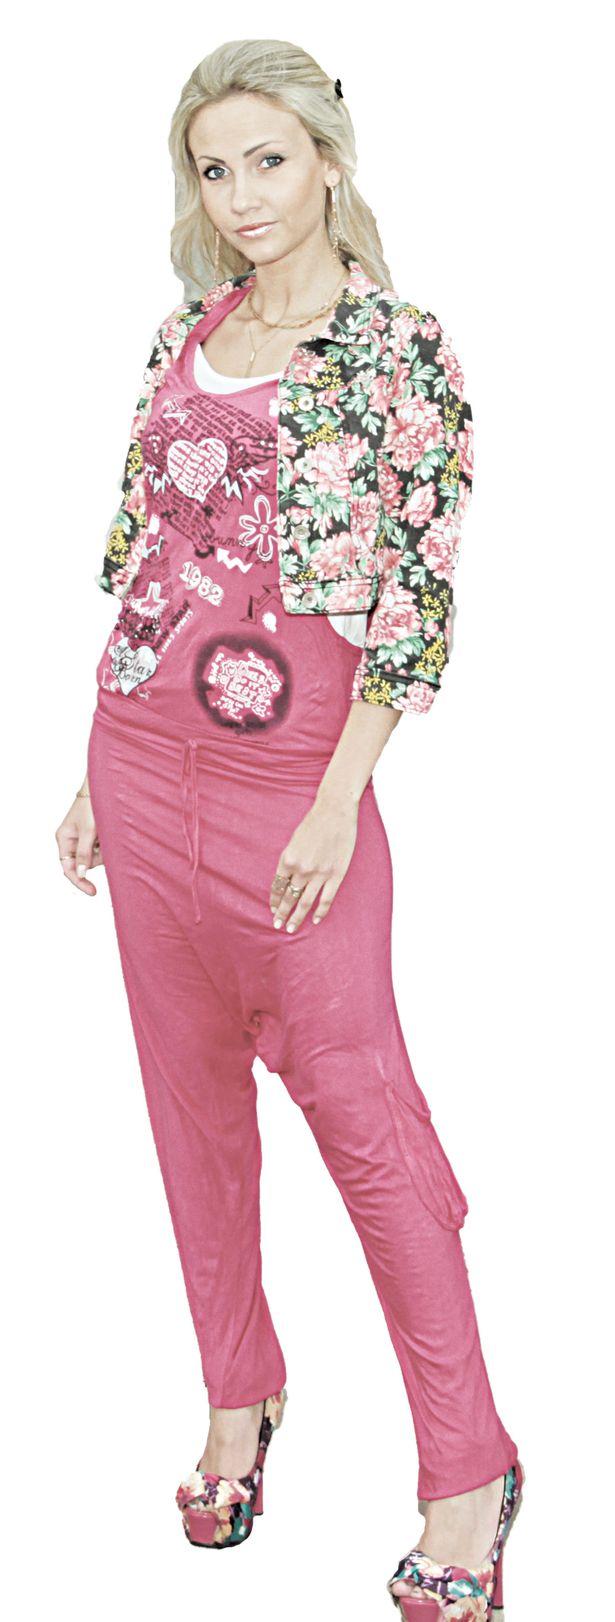 Яркий комбинезон и укороченный пиджак куплены в Барановичах. Обошелся наряд порядка 100 долларов.